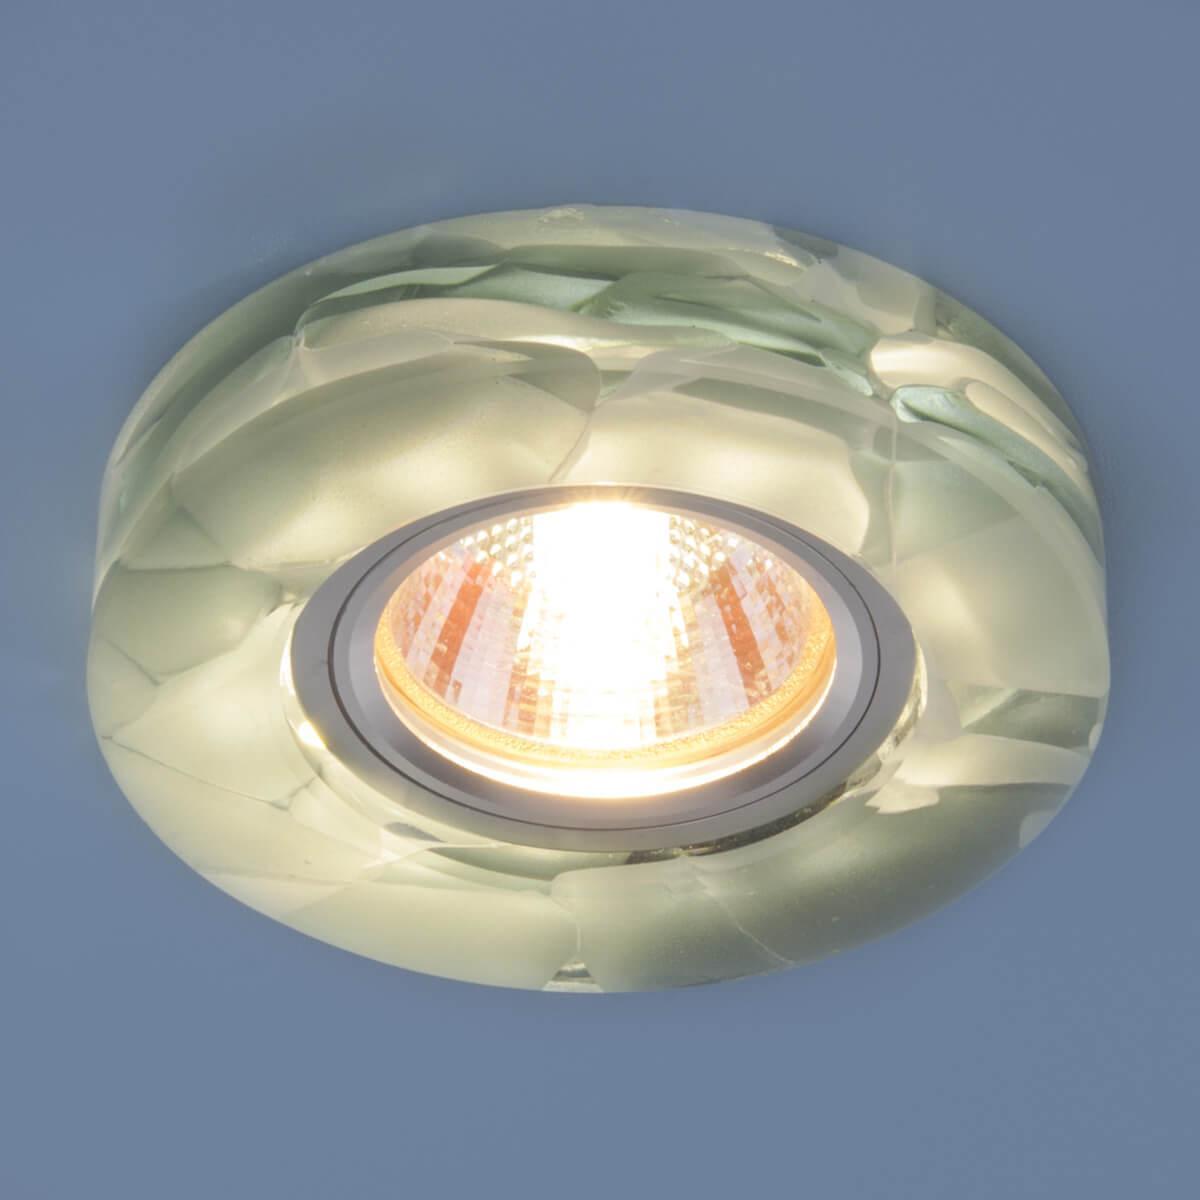 Встраиваемый светильник Elektrostandard 6062 MR16 Grey серый 4690389068591